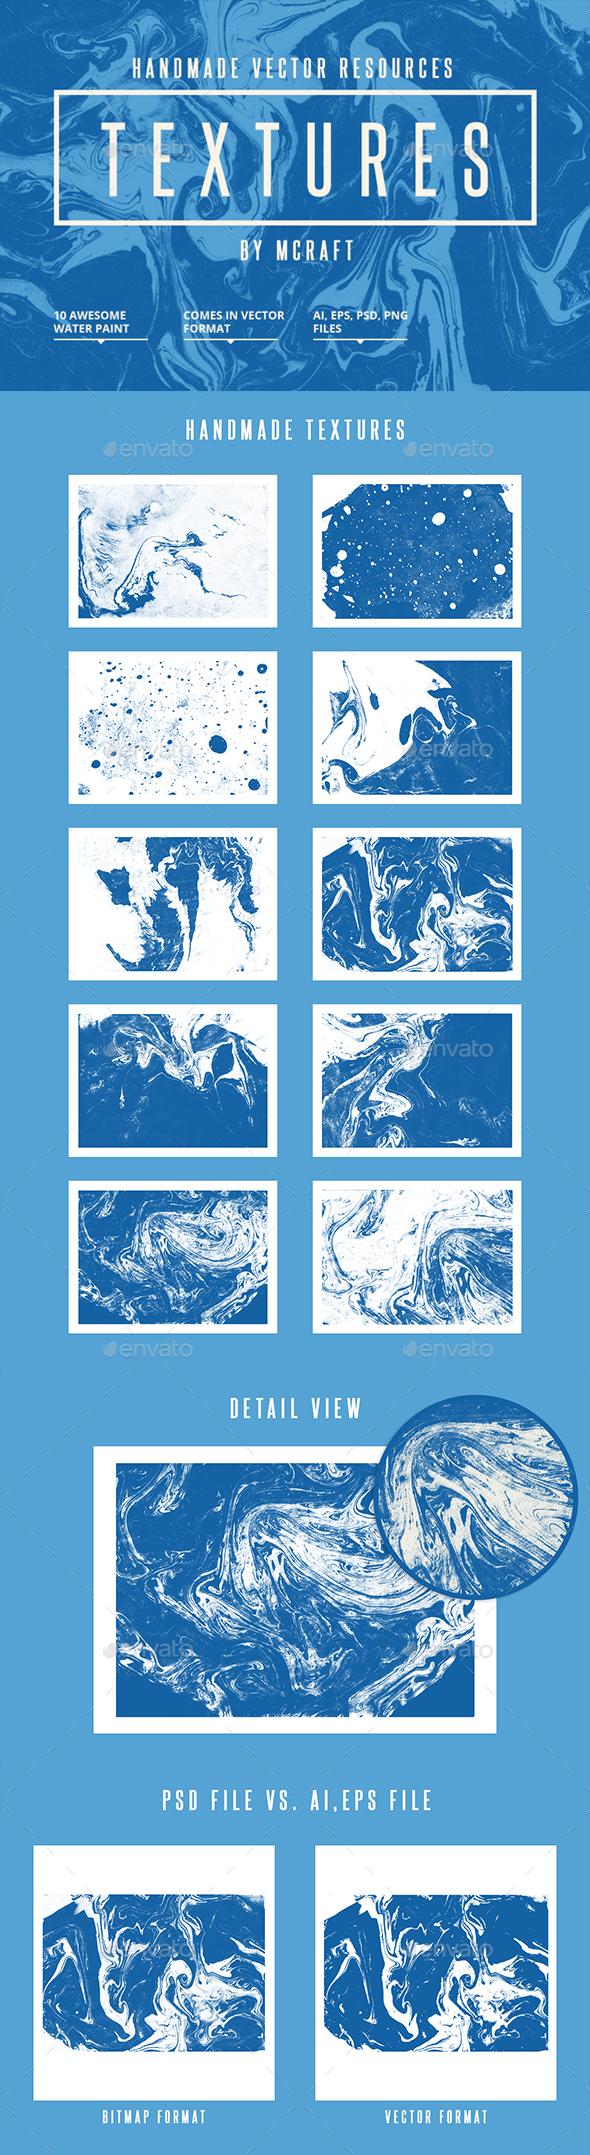 Water Painting Texture - Liquid Textures